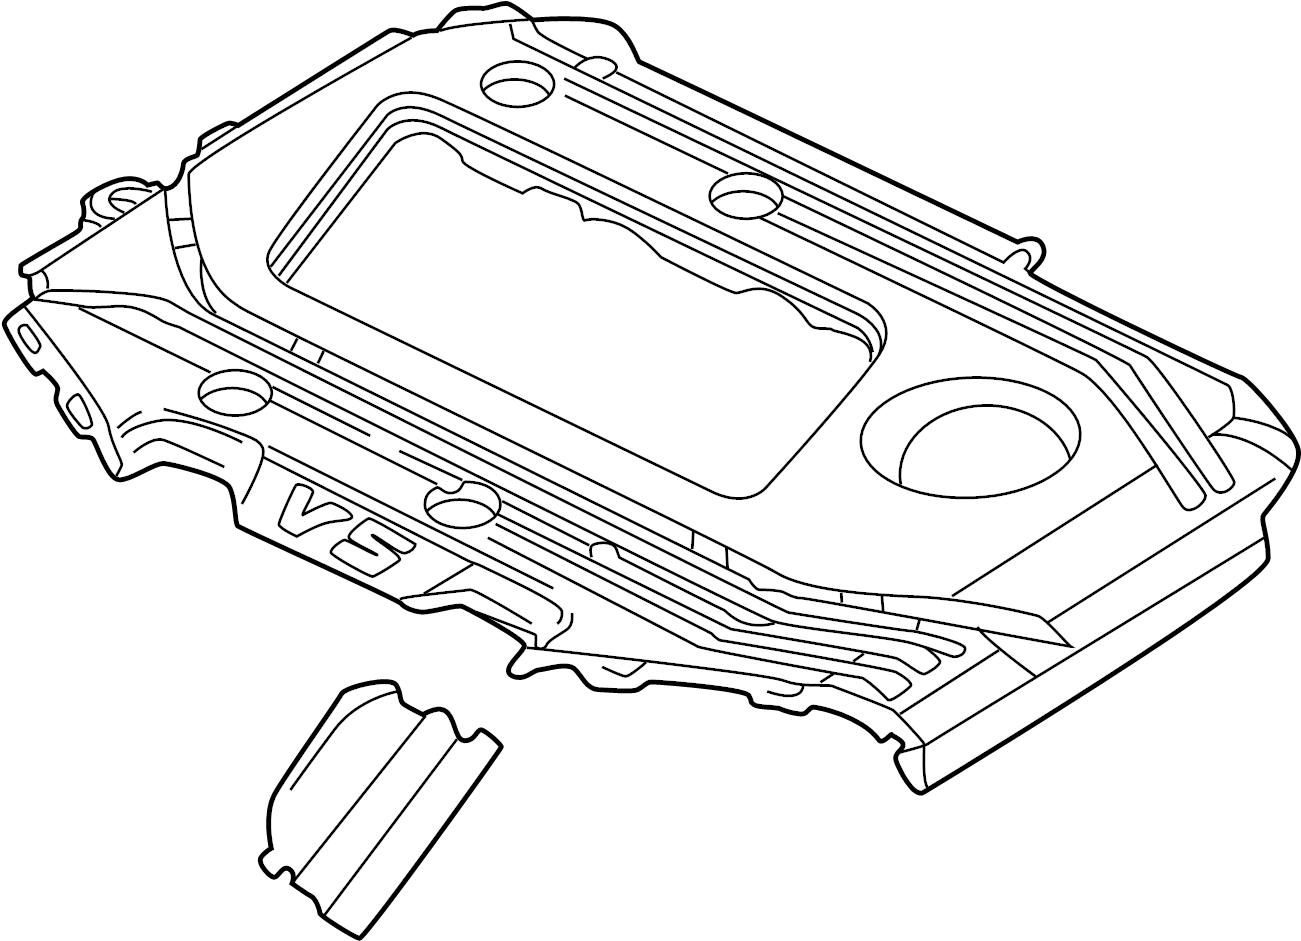 Volkswagen Jetta Engine Cover 02 1 2 8 Liter